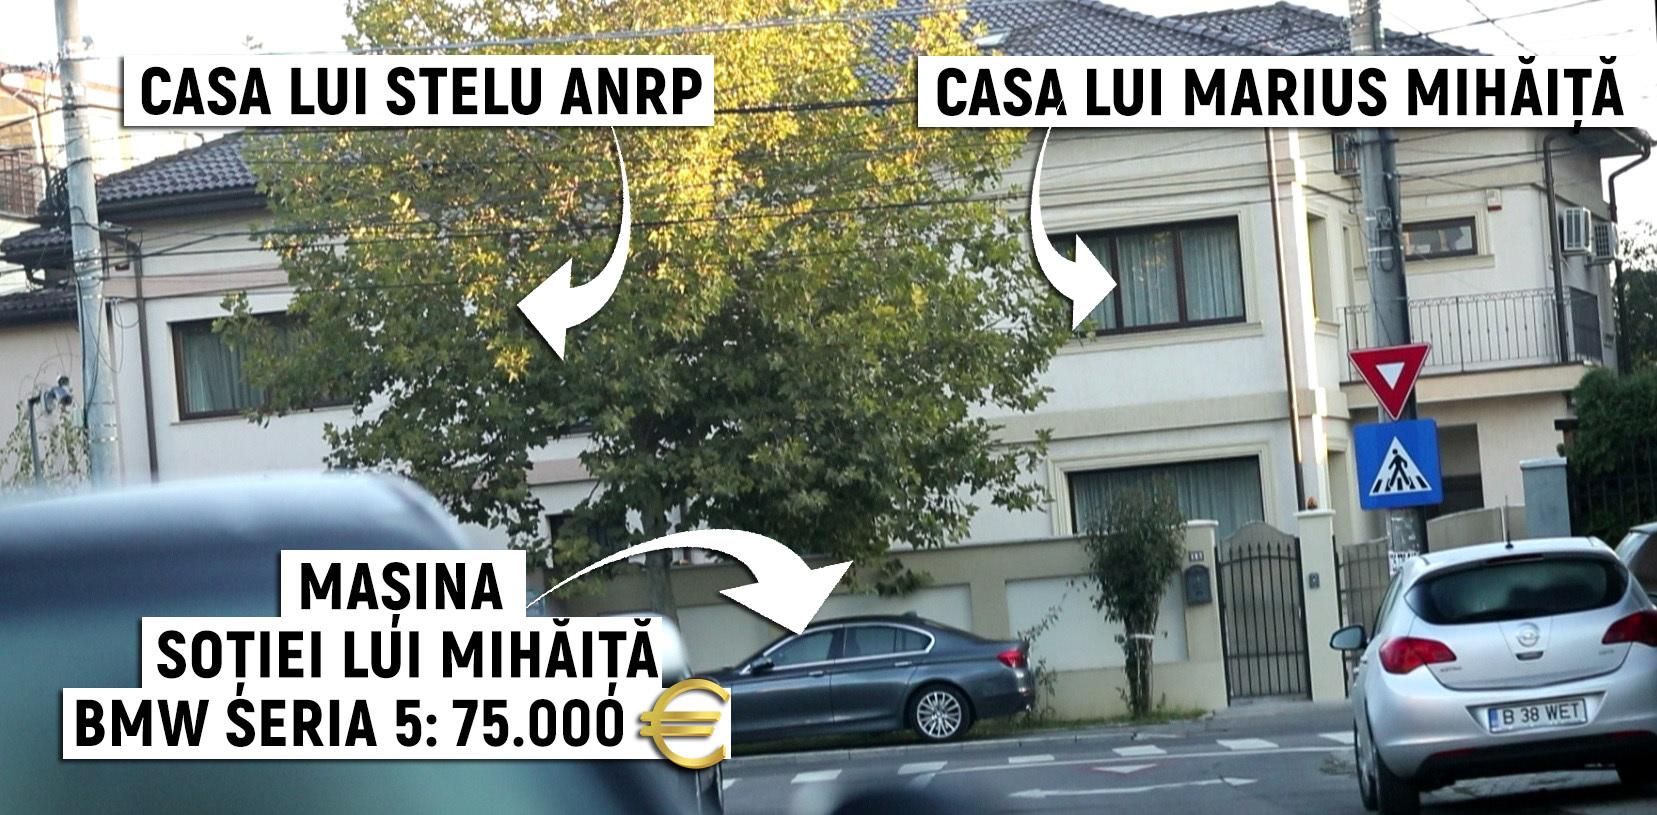 Maşina soţiei lui Mihăiţă, parcată lângă imobilul în care locuiesc familia secretarului şi cea a lui